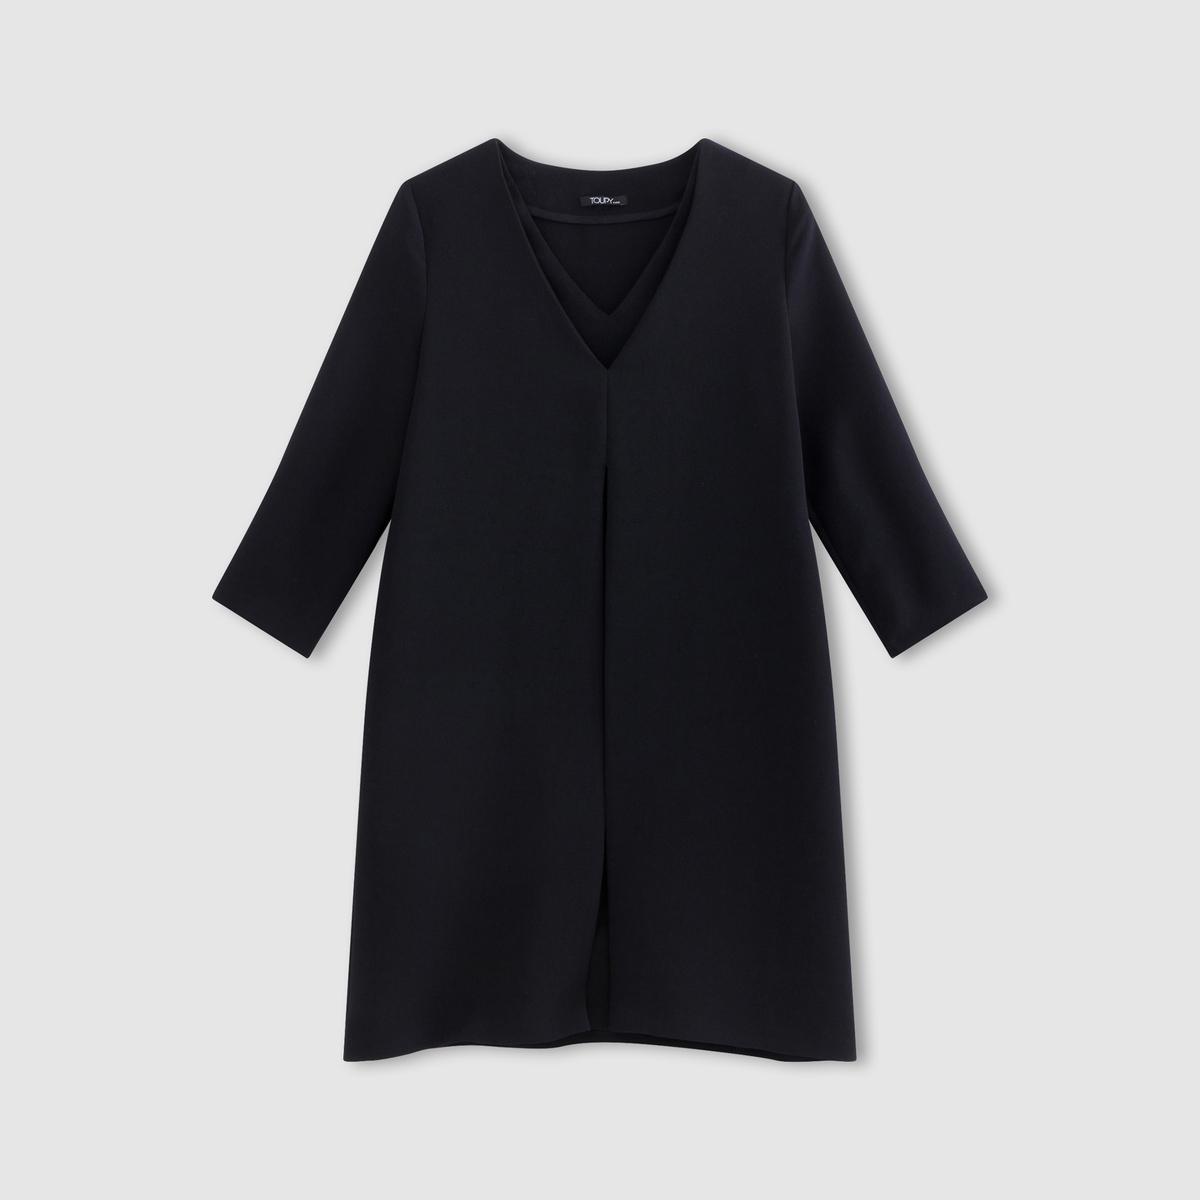 Платье PERINEПлатье PERINE от TOUPY, 100% полиэстер. Рукава 3/4, V-образный вырез. 2 кармана.<br><br>Цвет: кобальтовый синий<br>Размер: XS.XL